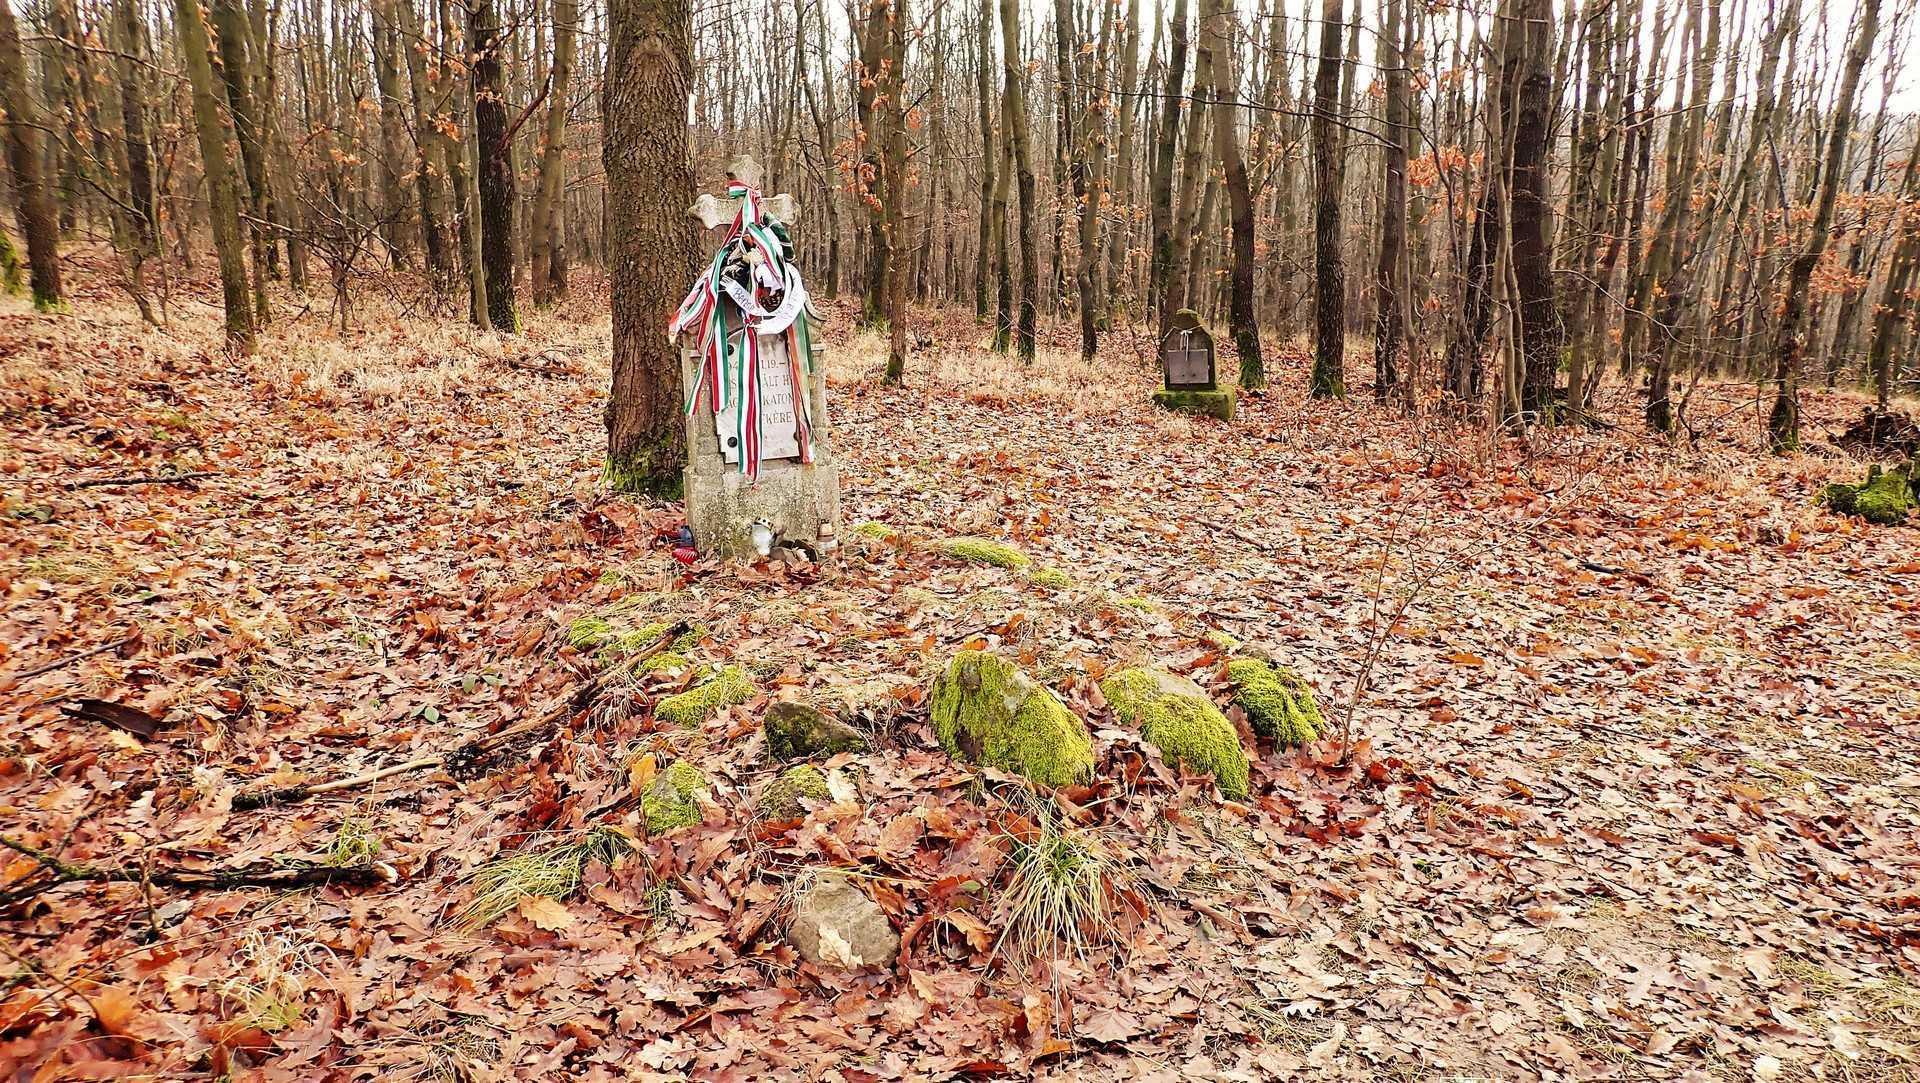 Nagy-völgy túra: A Cicőke és Kalakocs sztori-3